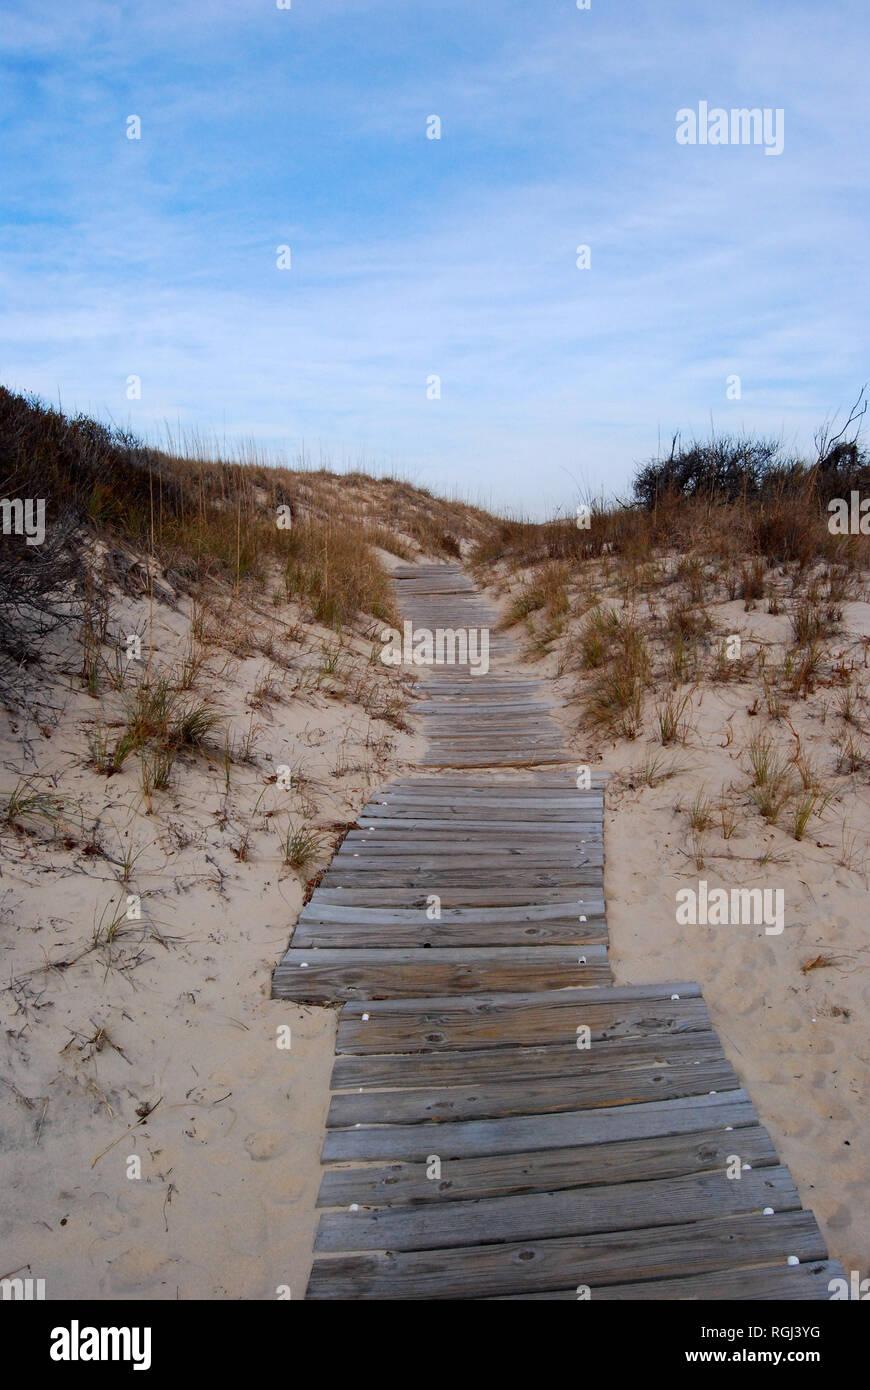 Boardwalk through sand dunes near Sandbridge Beach in Virginia Beach, Virginia - Stock Image